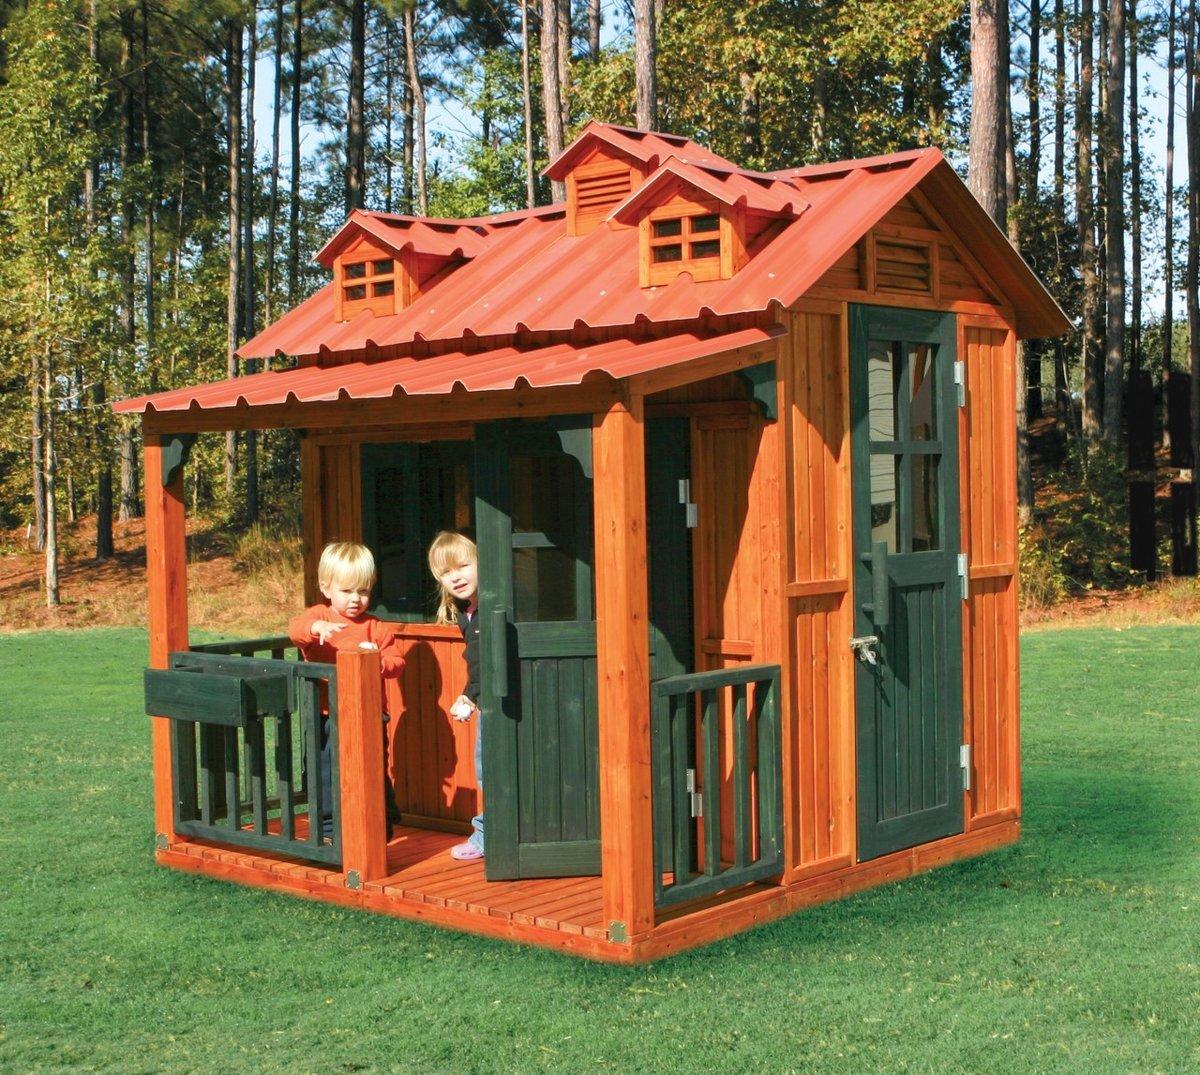 Обнесите детский домик или всю детскую площадку забором, так дети будут знать, что это — их территория.